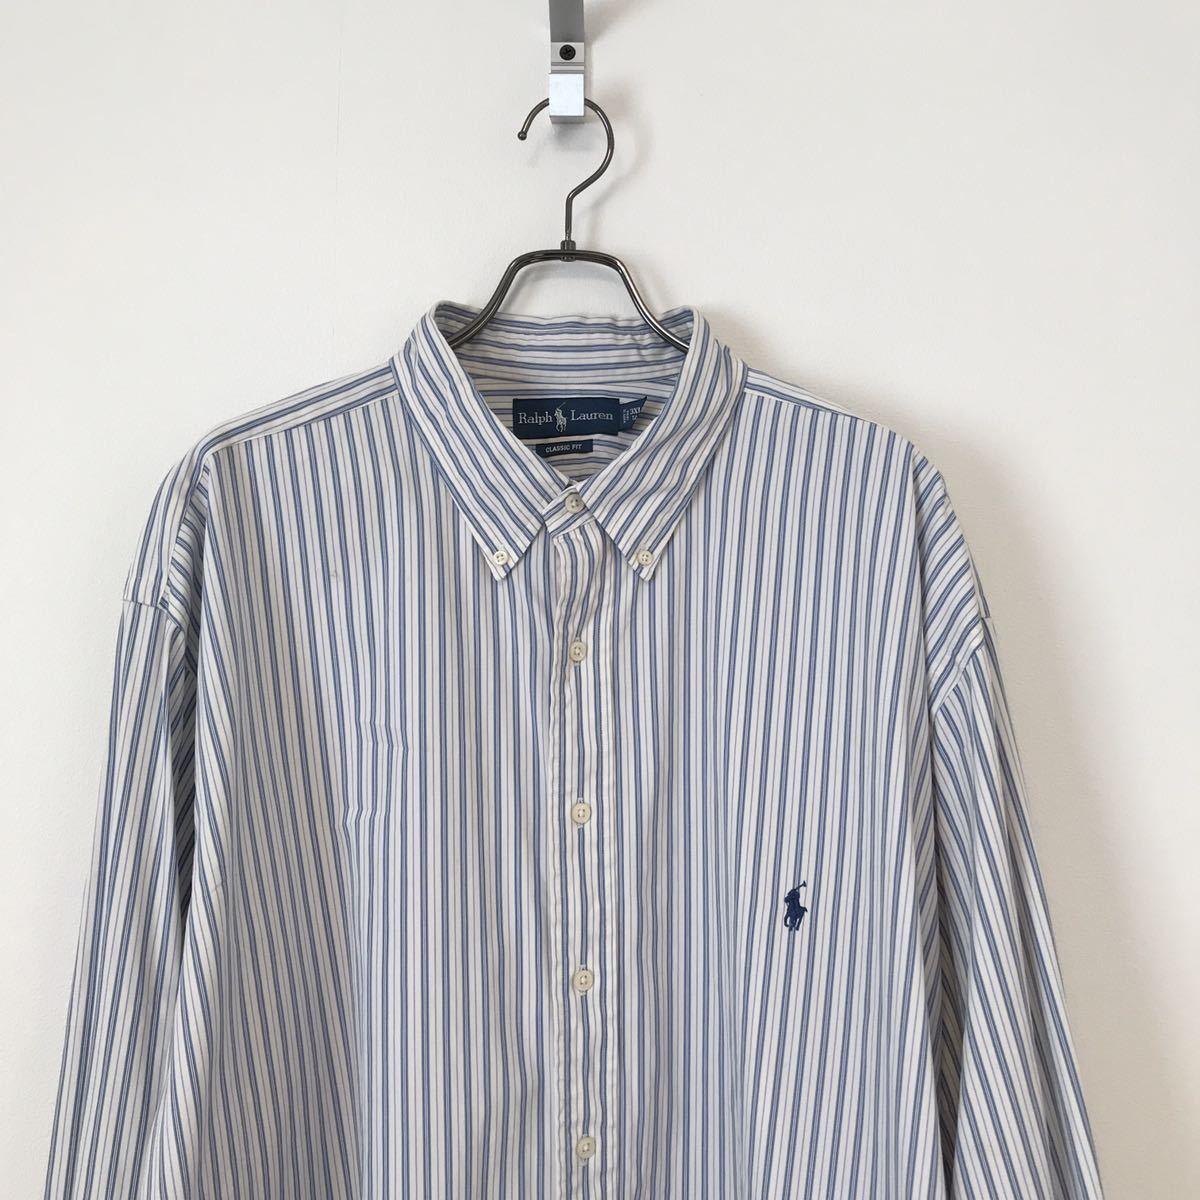 ⑥ Ralph Lauren ラルフローレン シャツ 長袖シャツ ボタンダウンシャツ クラシックフィット 3XLT TALL 白 ストライプ ビッグサイズ